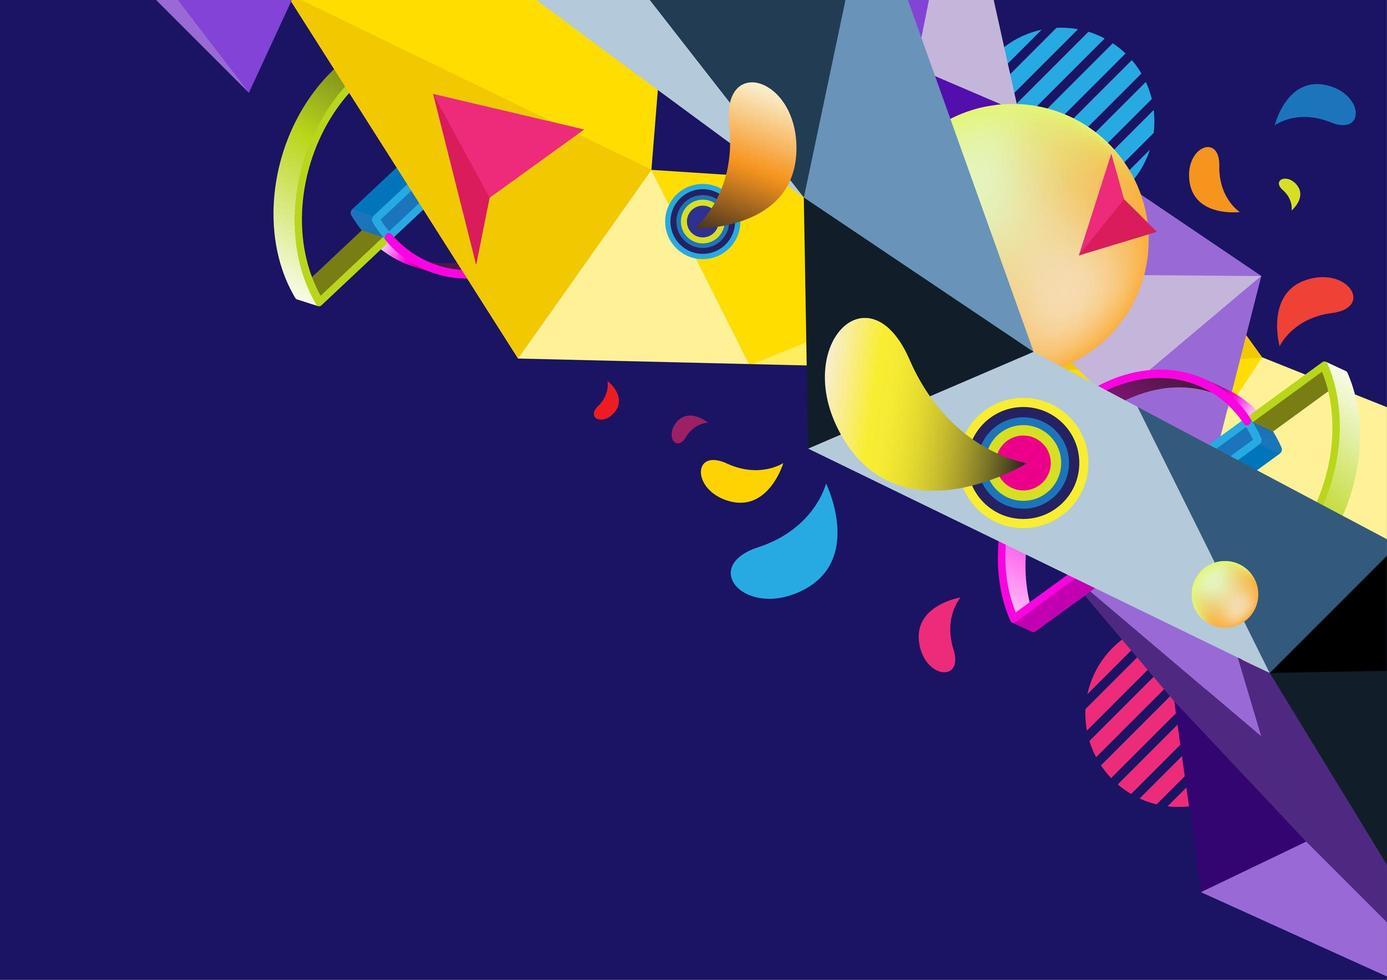 veelhoek viering abstracte achtergrond vector